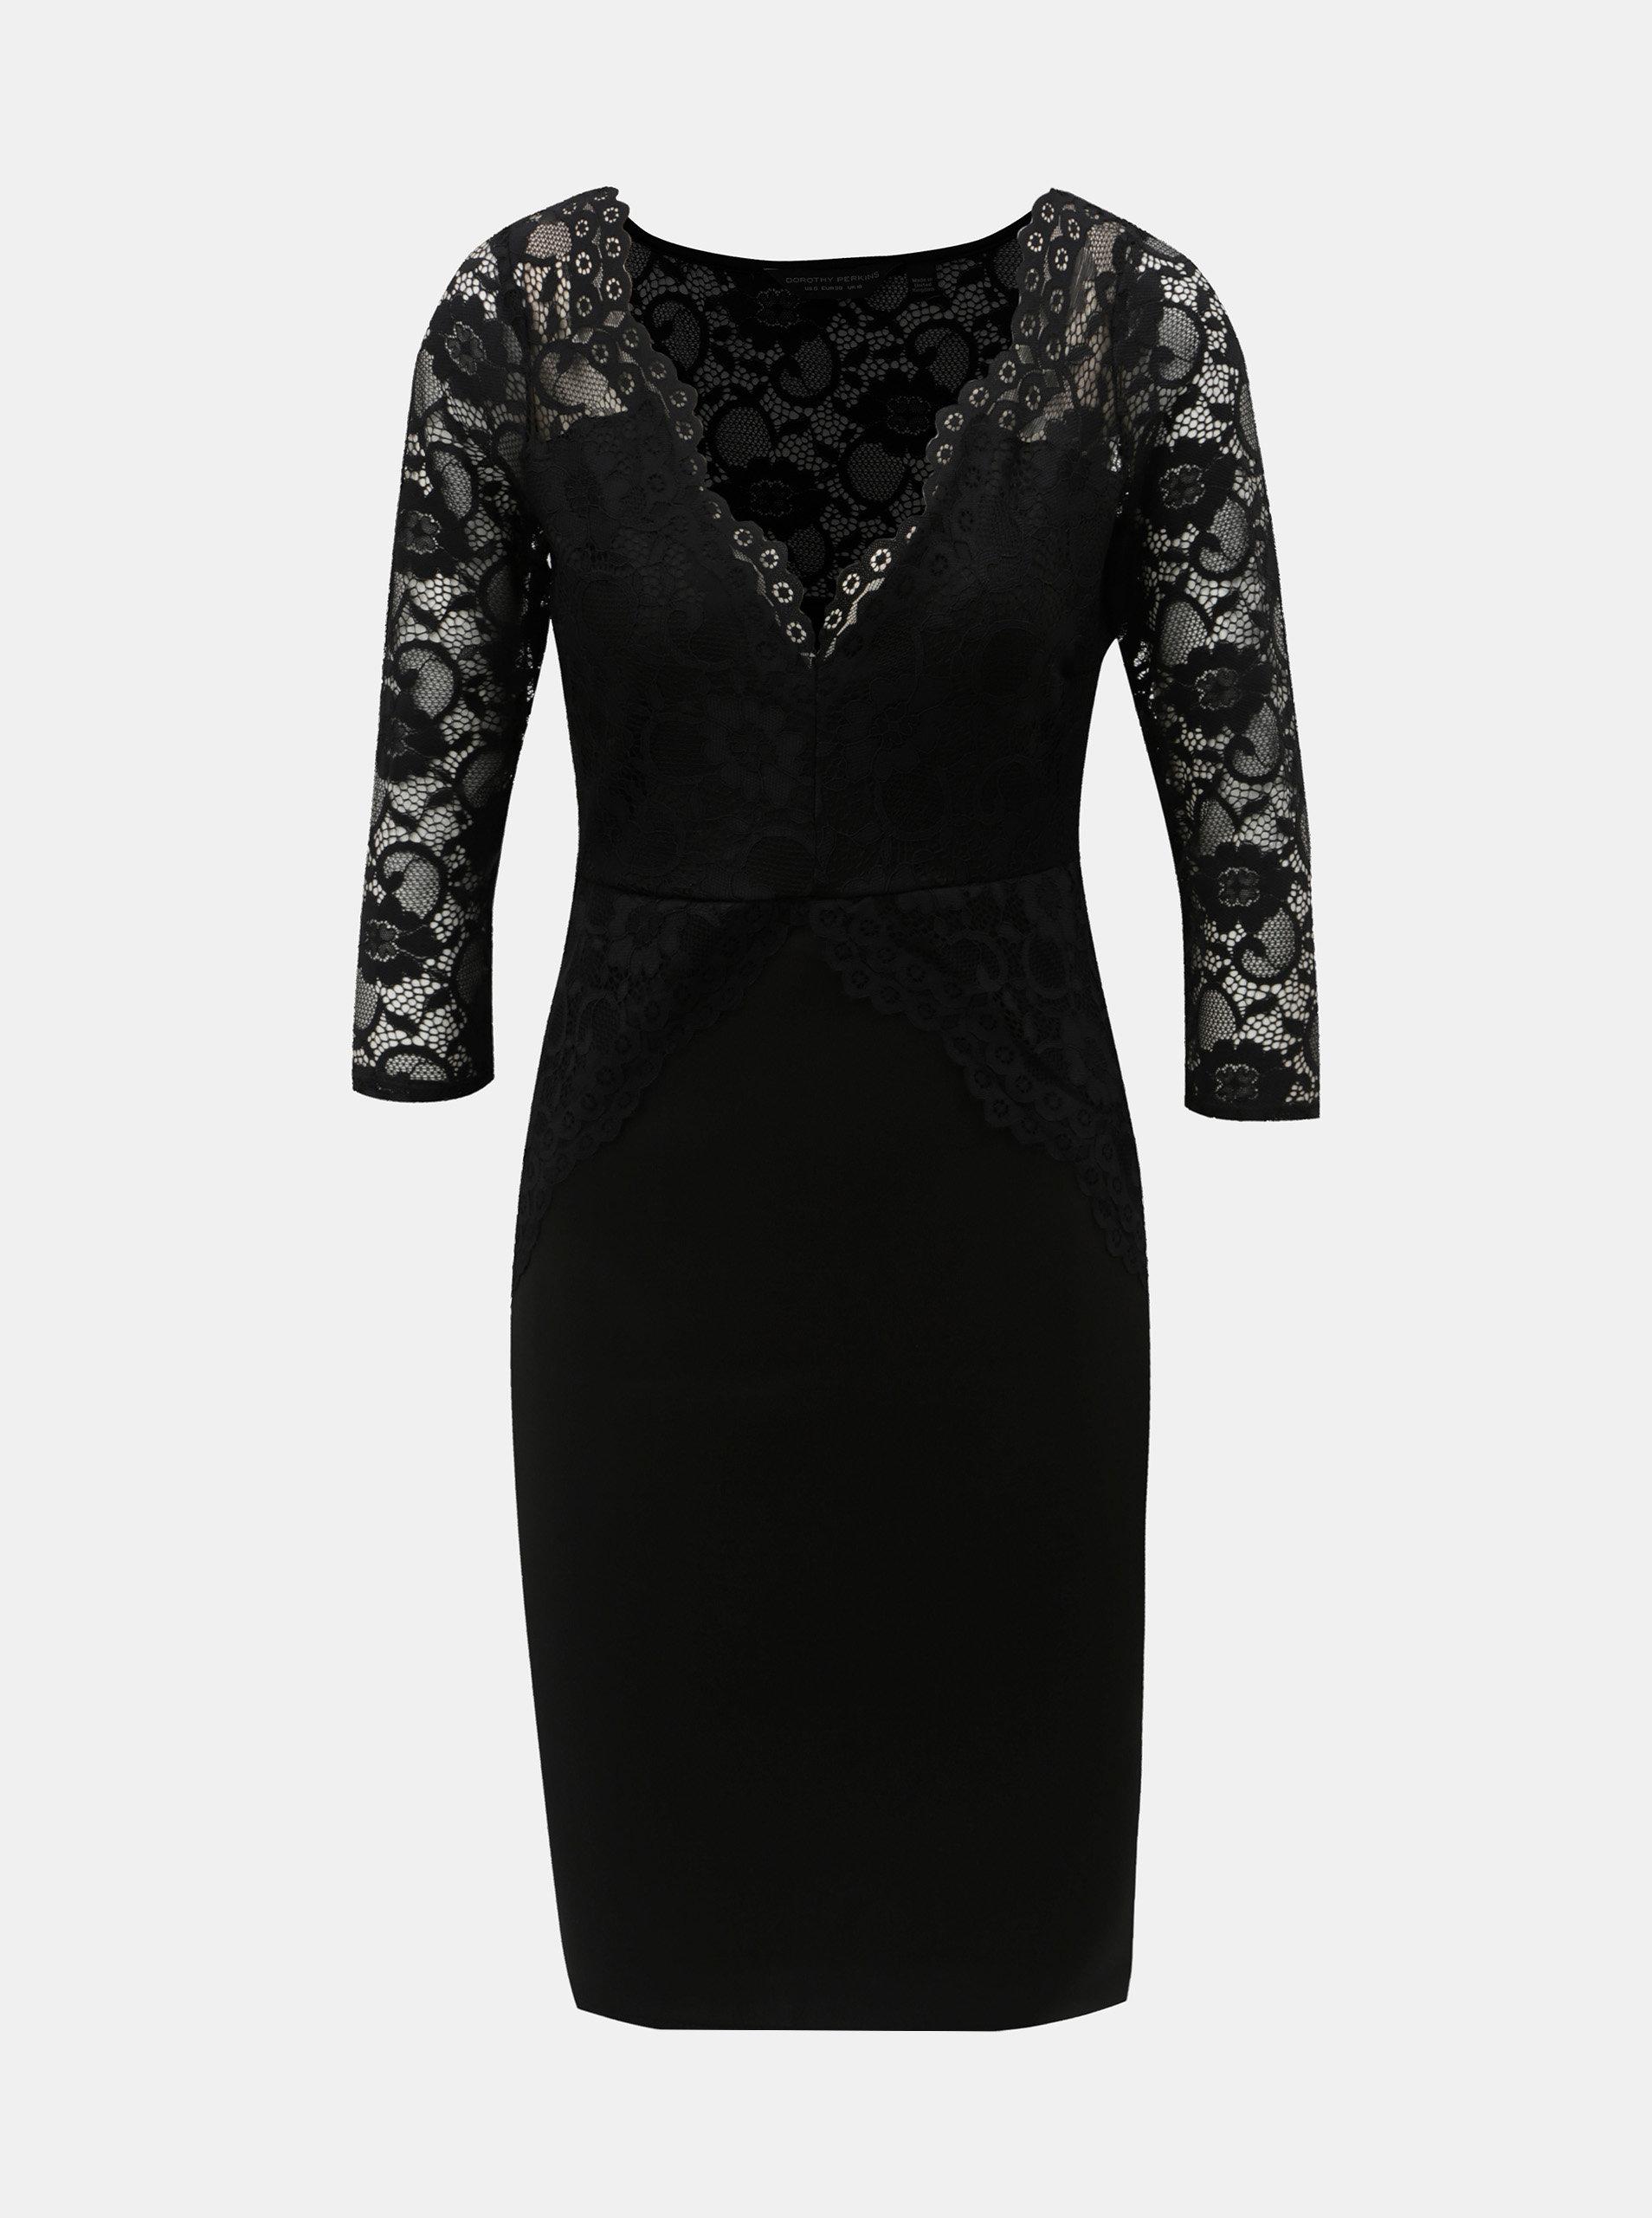 c30852a4e096 Čierne puzdrové šaty s čipkovanými detailmi Dorothy Perkins ...